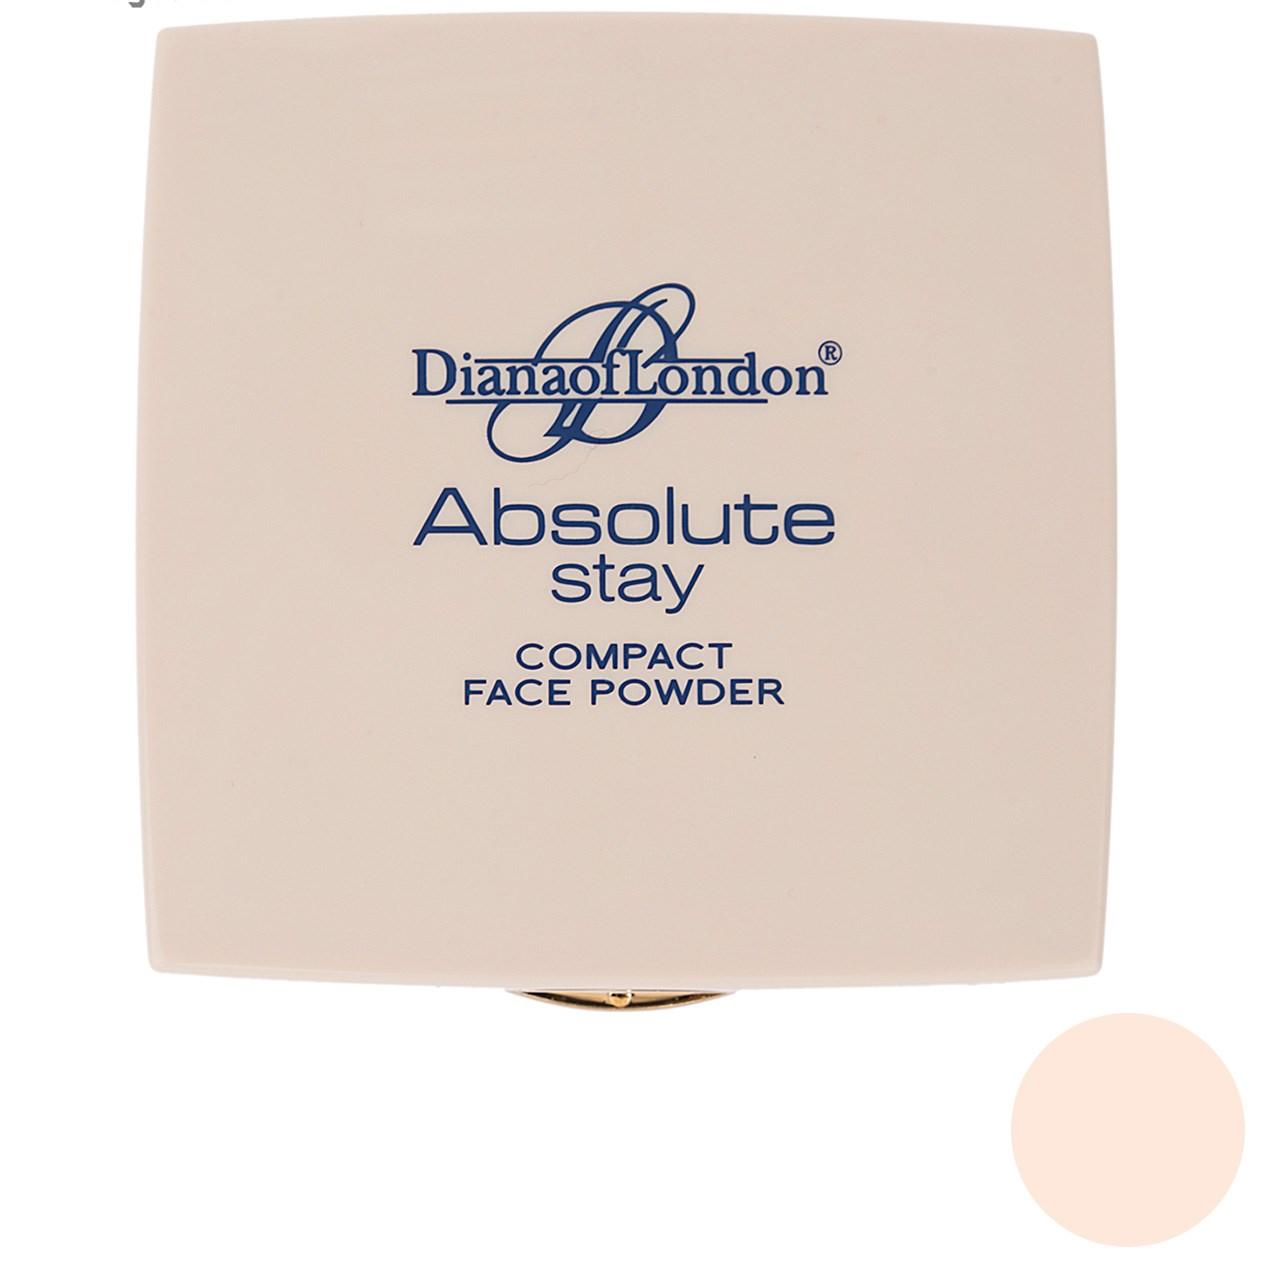 پنکیک دایانا آف لاندن سری Absolute Stay مدل Fresh Coral شماره 402